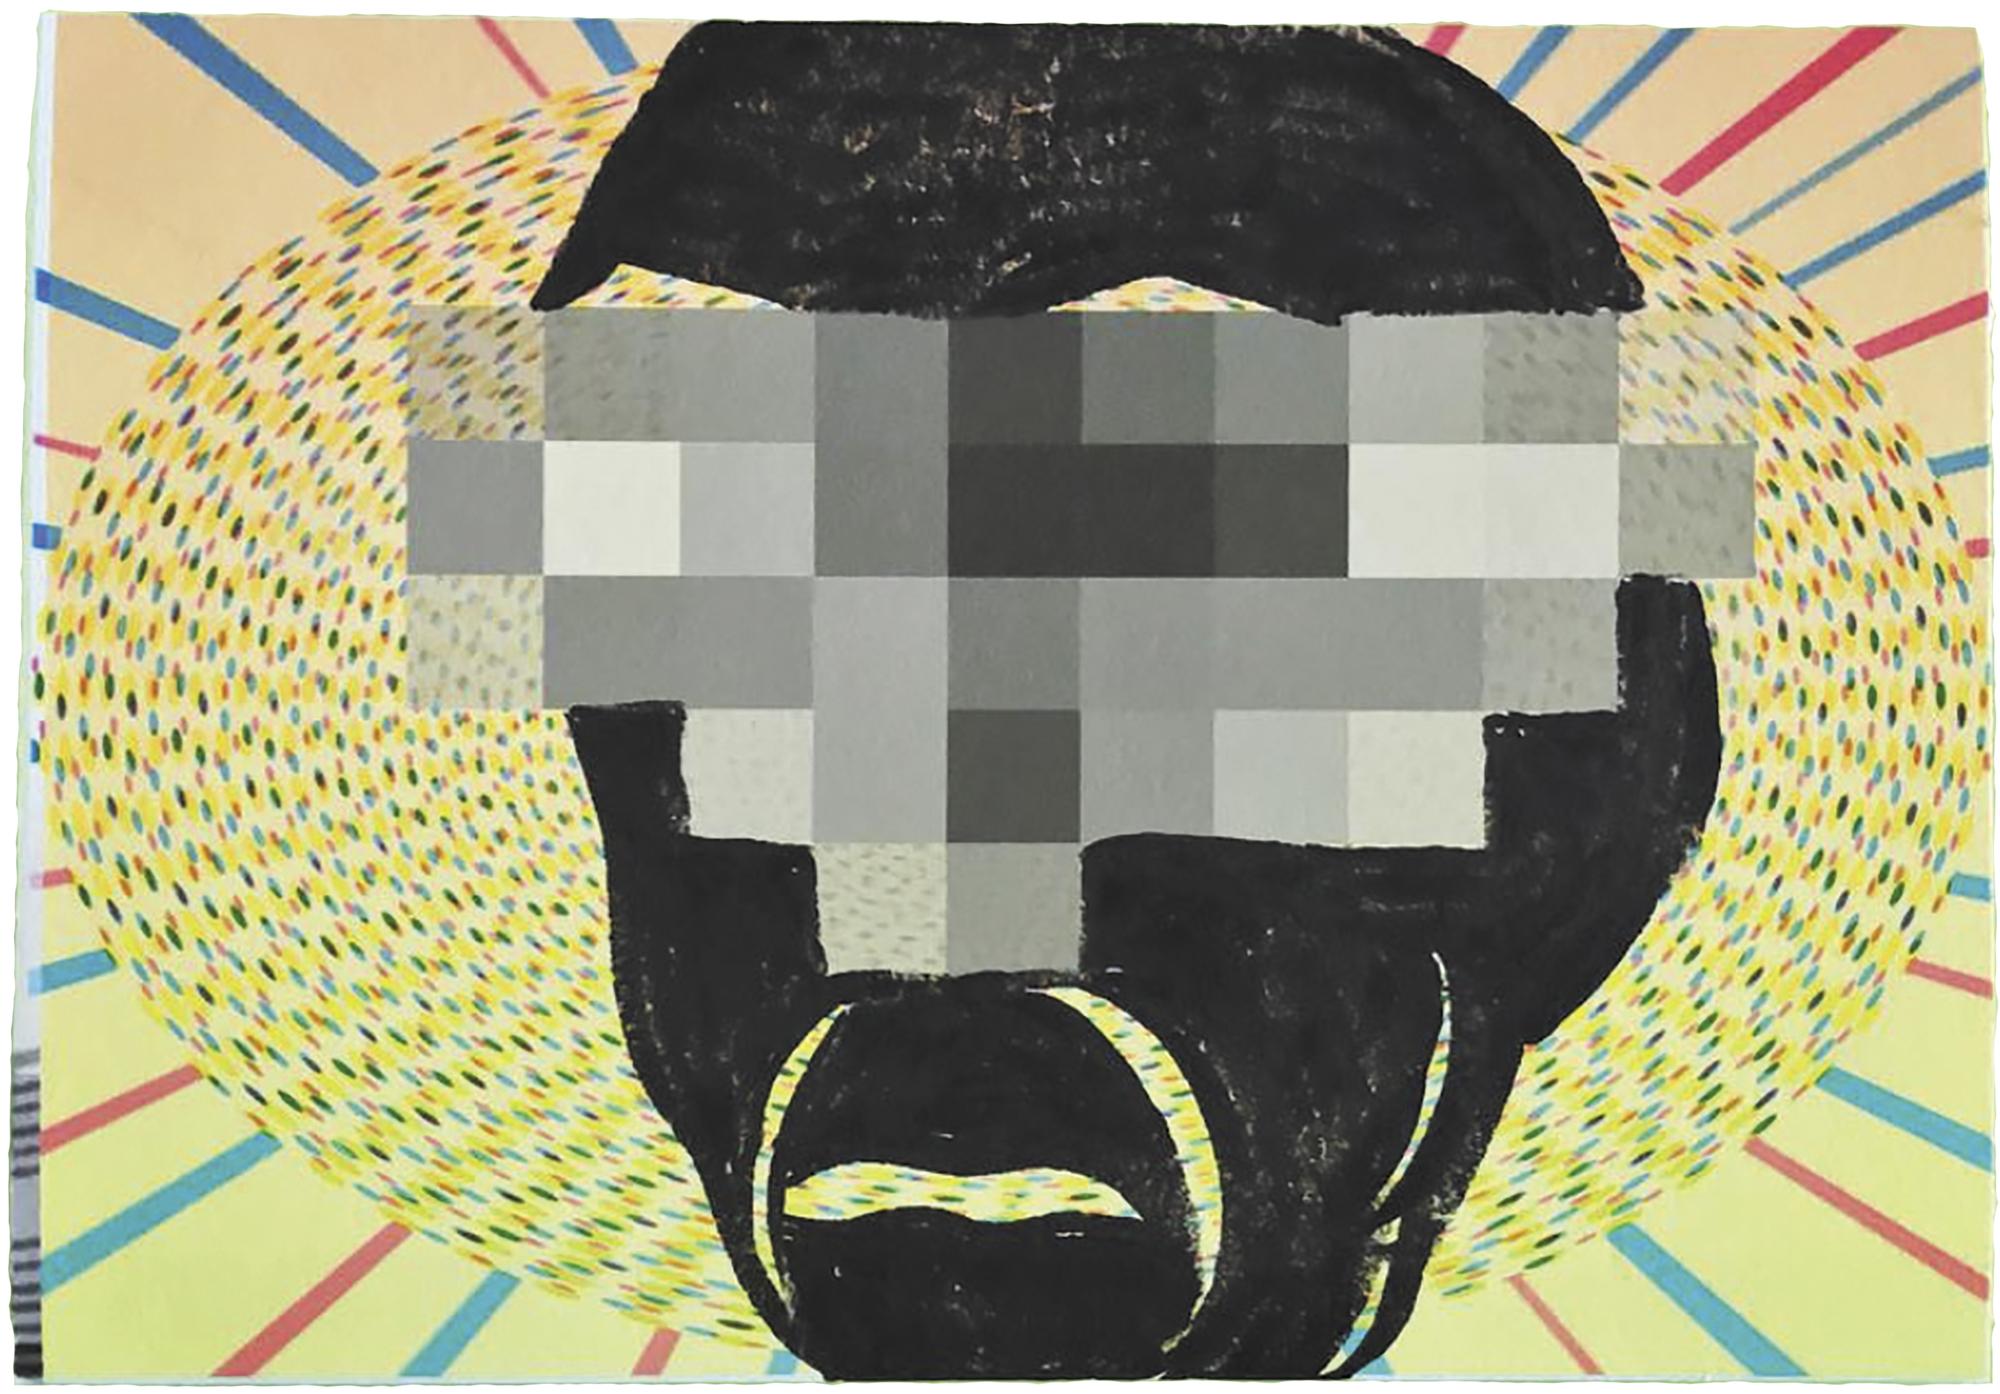 Mark Mothersbaugh postcard art